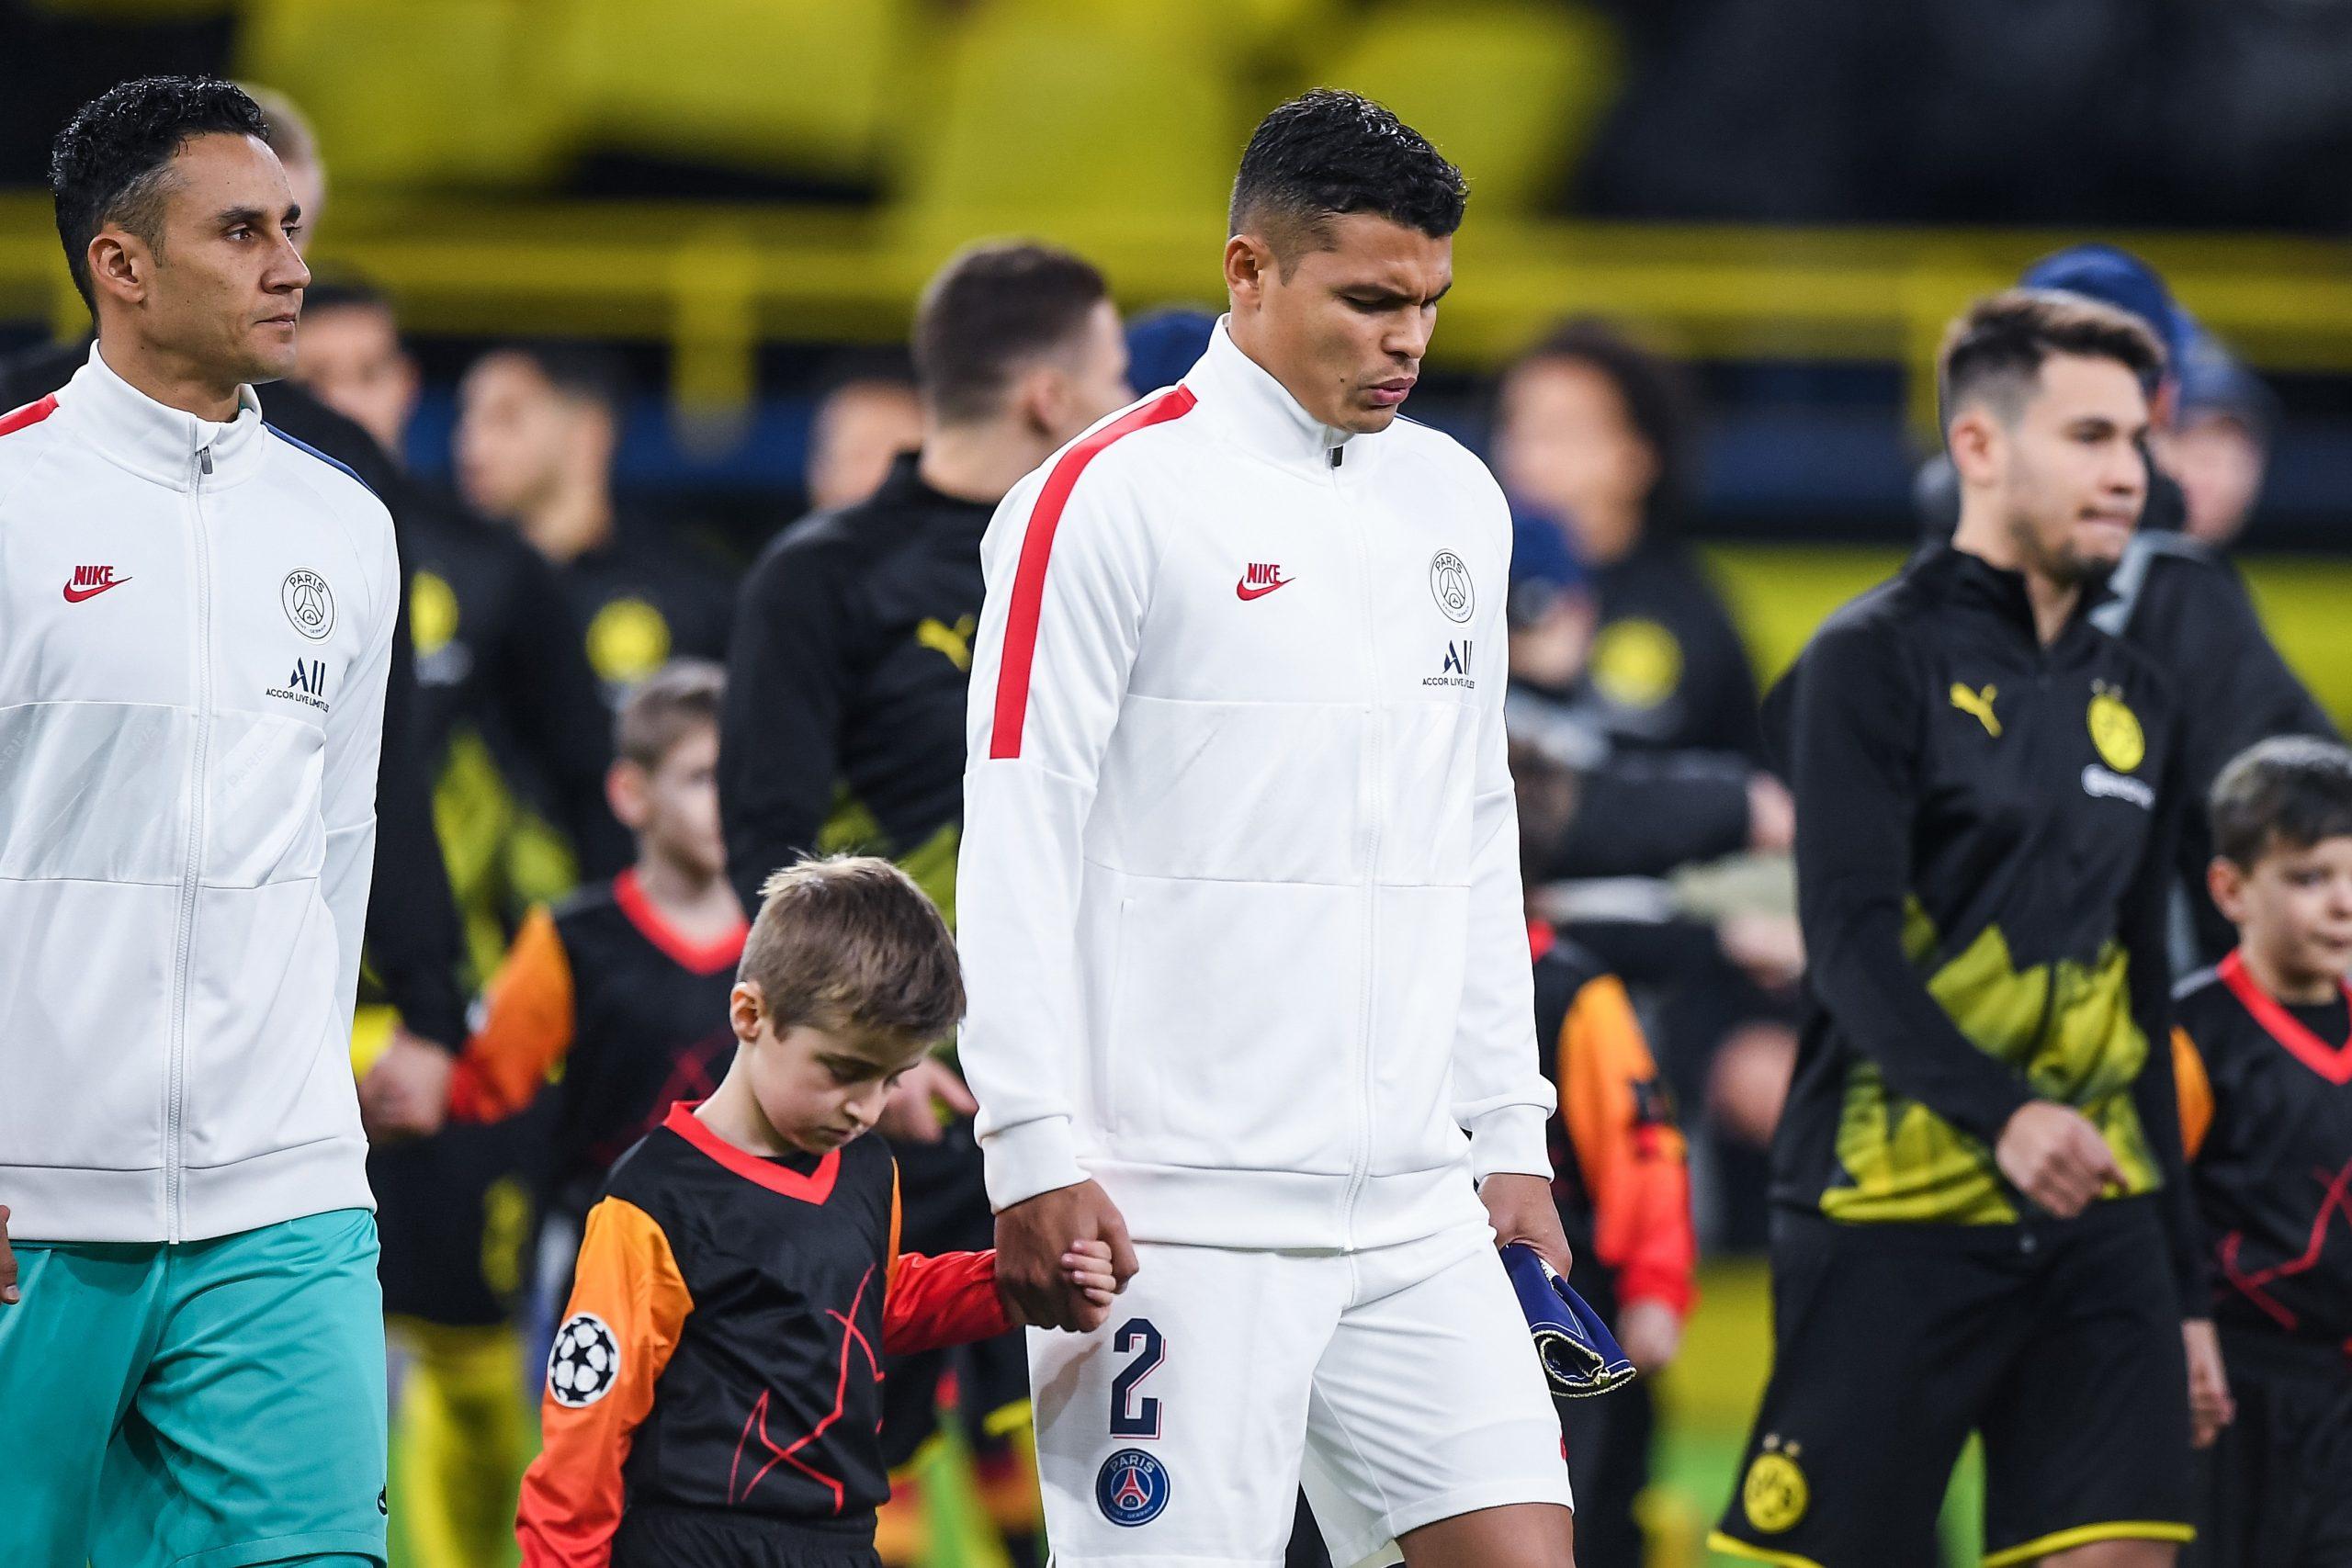 PSG/Dortmund - Thiago Silva «postule» à une place sur le terrain, affirme RMC Sport